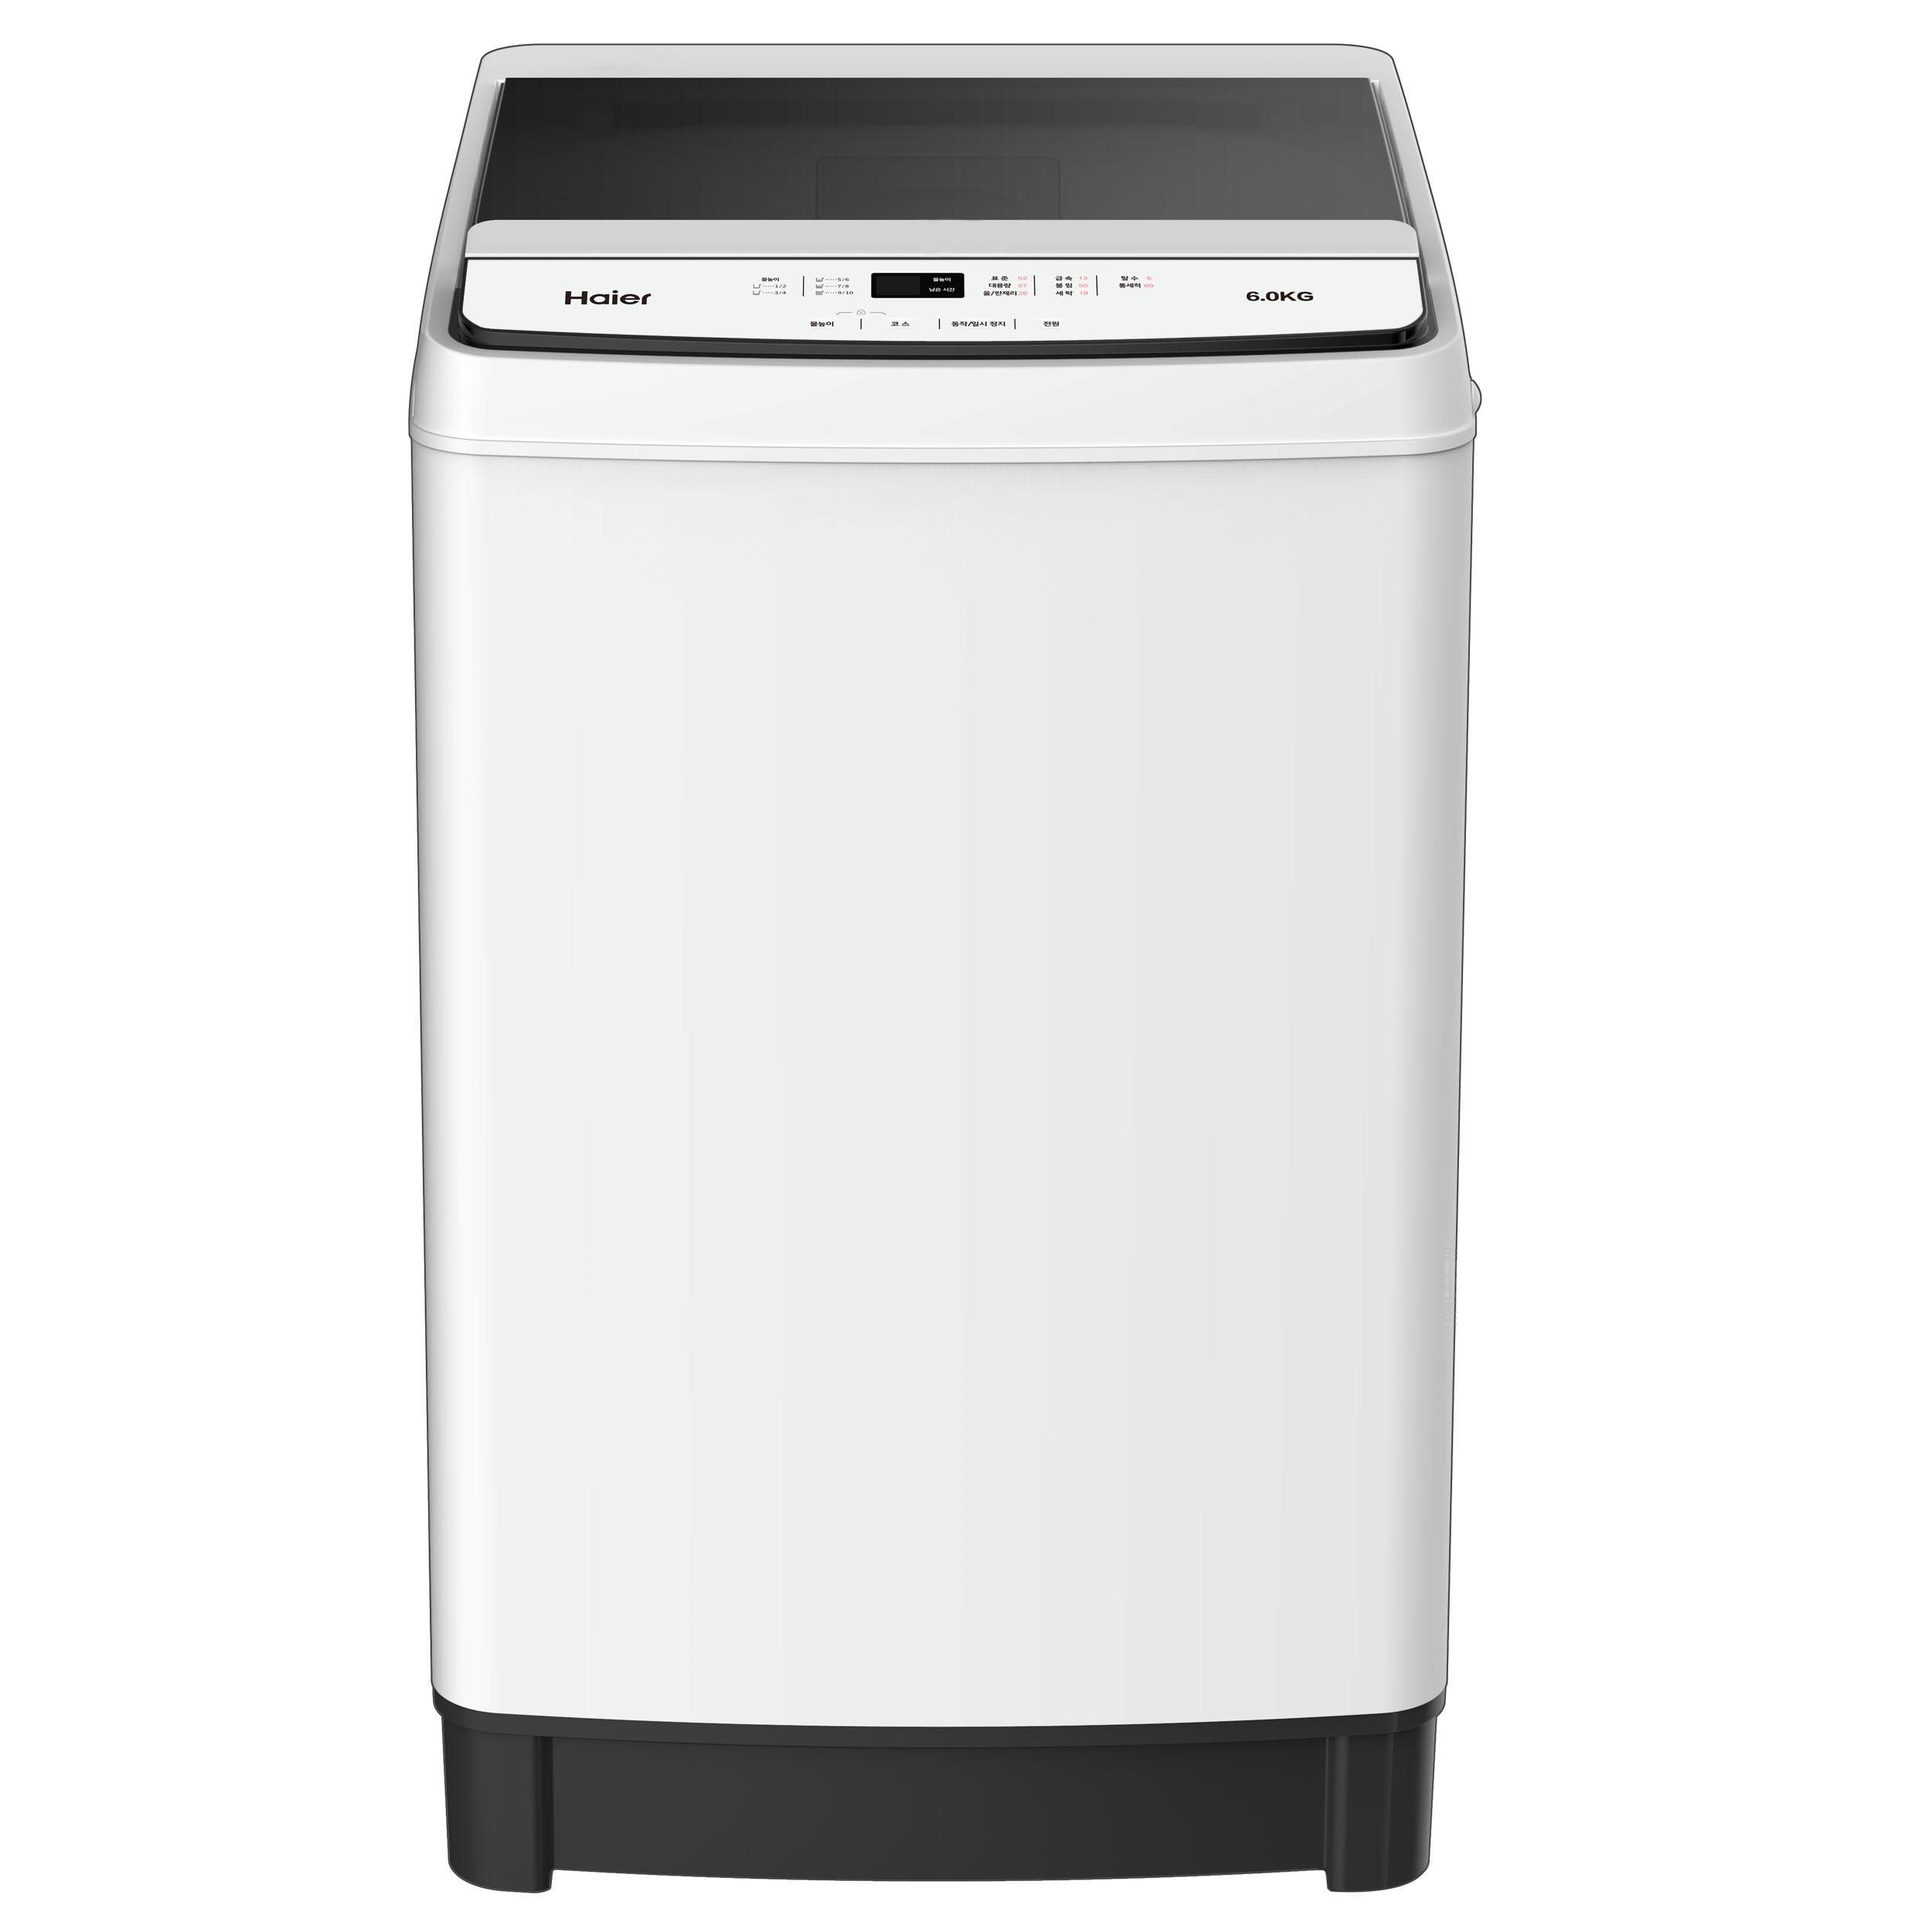 하이얼 미니 소형 일반 1등급 통돌이 세탁기 퓨어화이트 HWMW9J60MW 6kg 방문설치